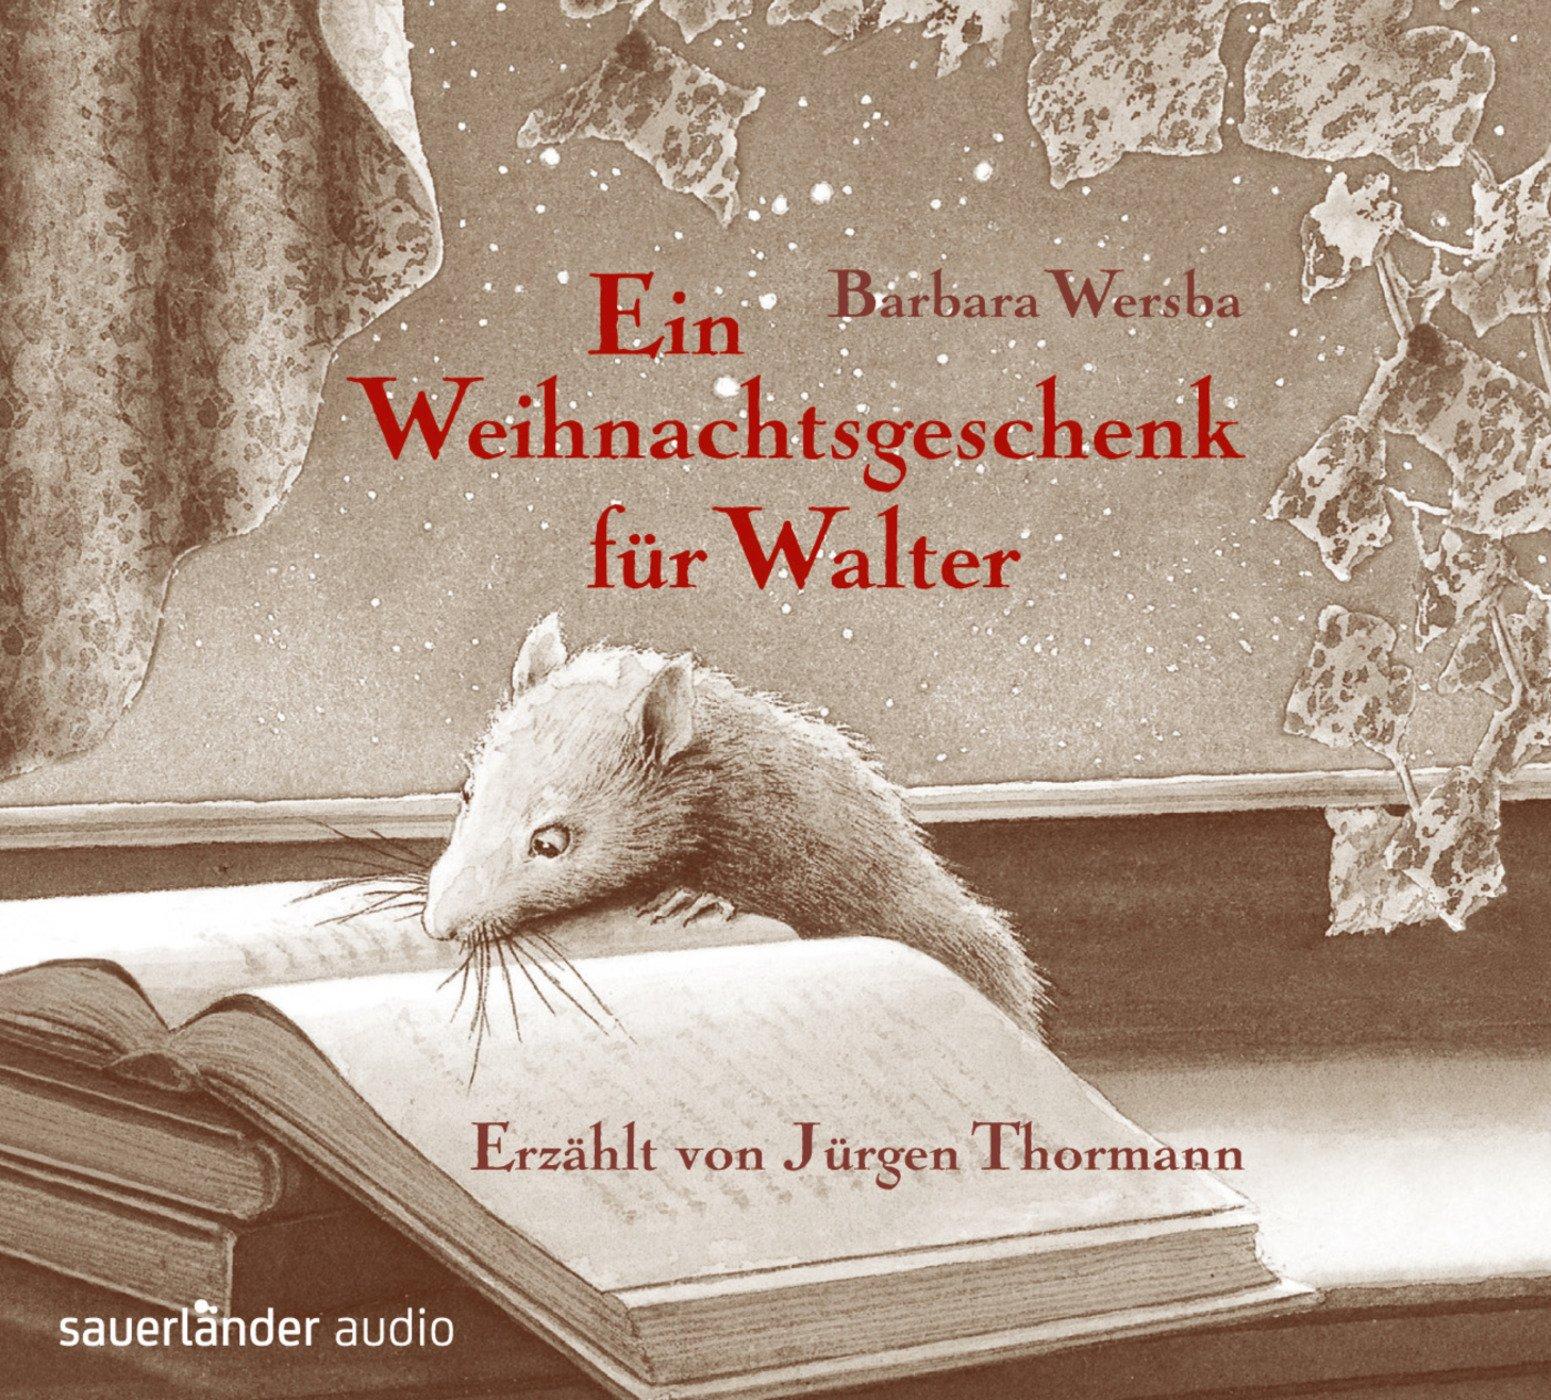 Ein Weihnachtsgeschenk für Walter: Amazon.de: Barbara Wersba, Donna ...